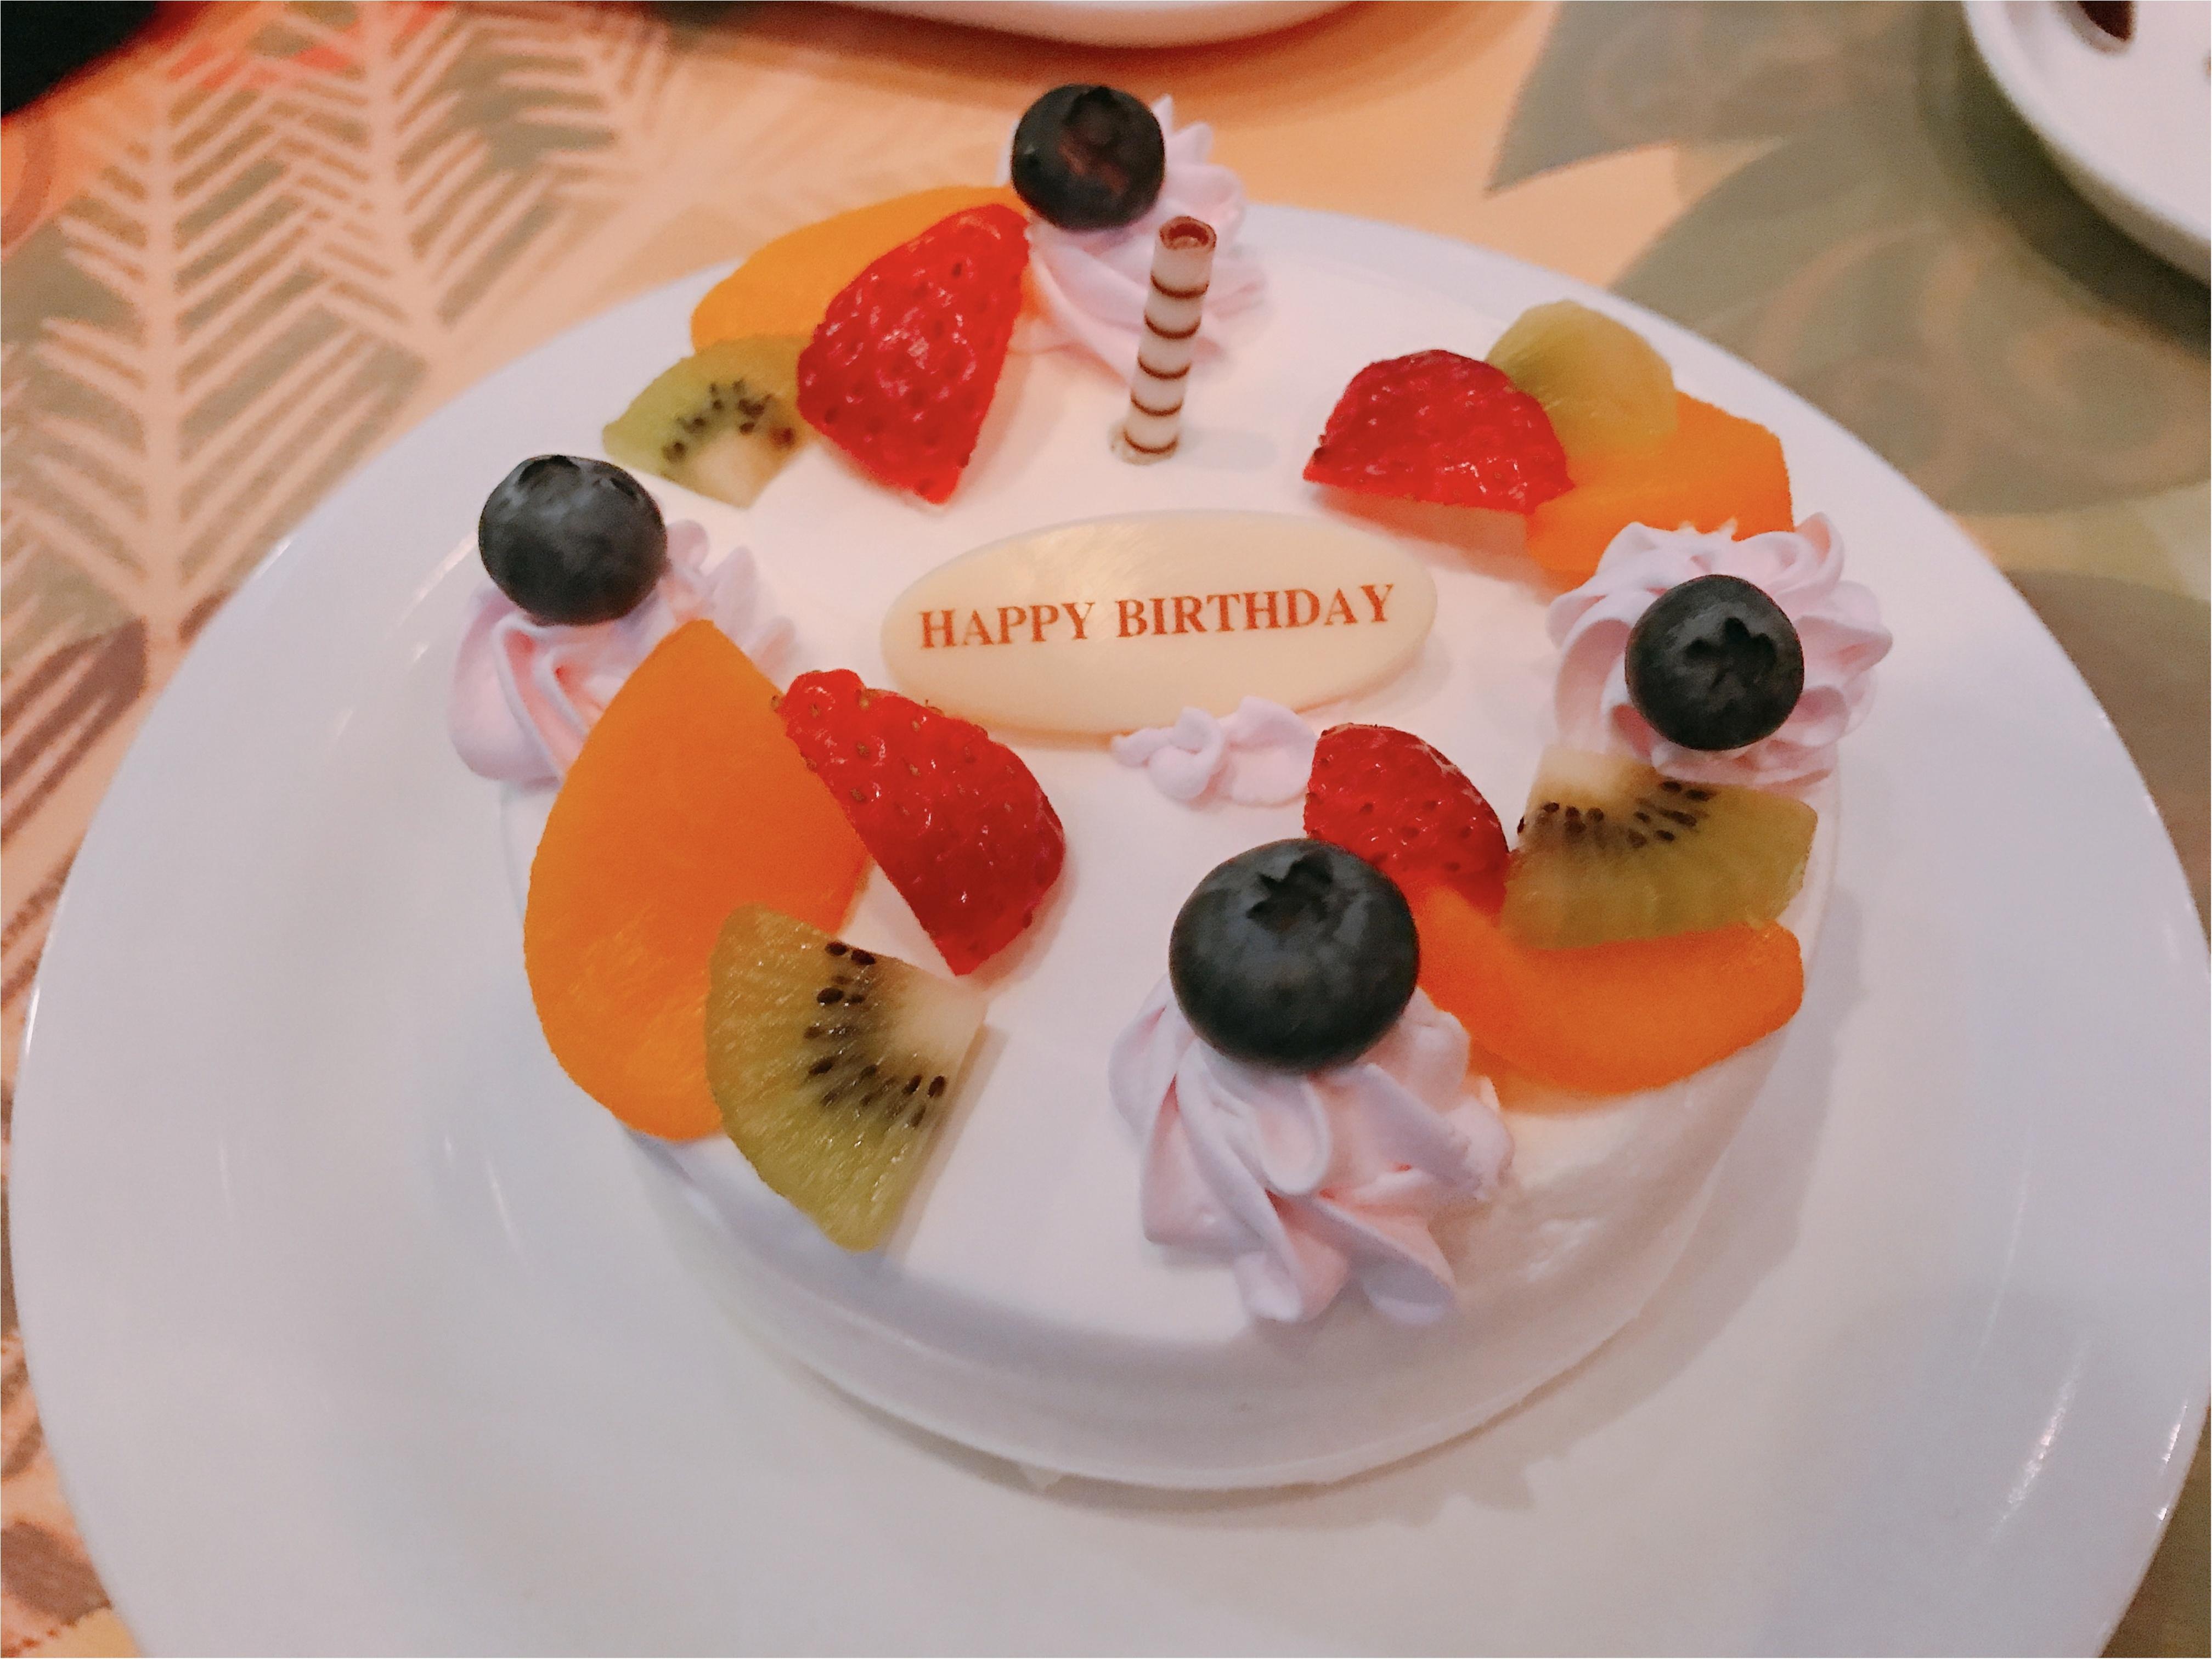 【ディズニーランド】で誕生日サプライズをするならココ!特別なバースデーケーキがある唯一のレストラン★_4